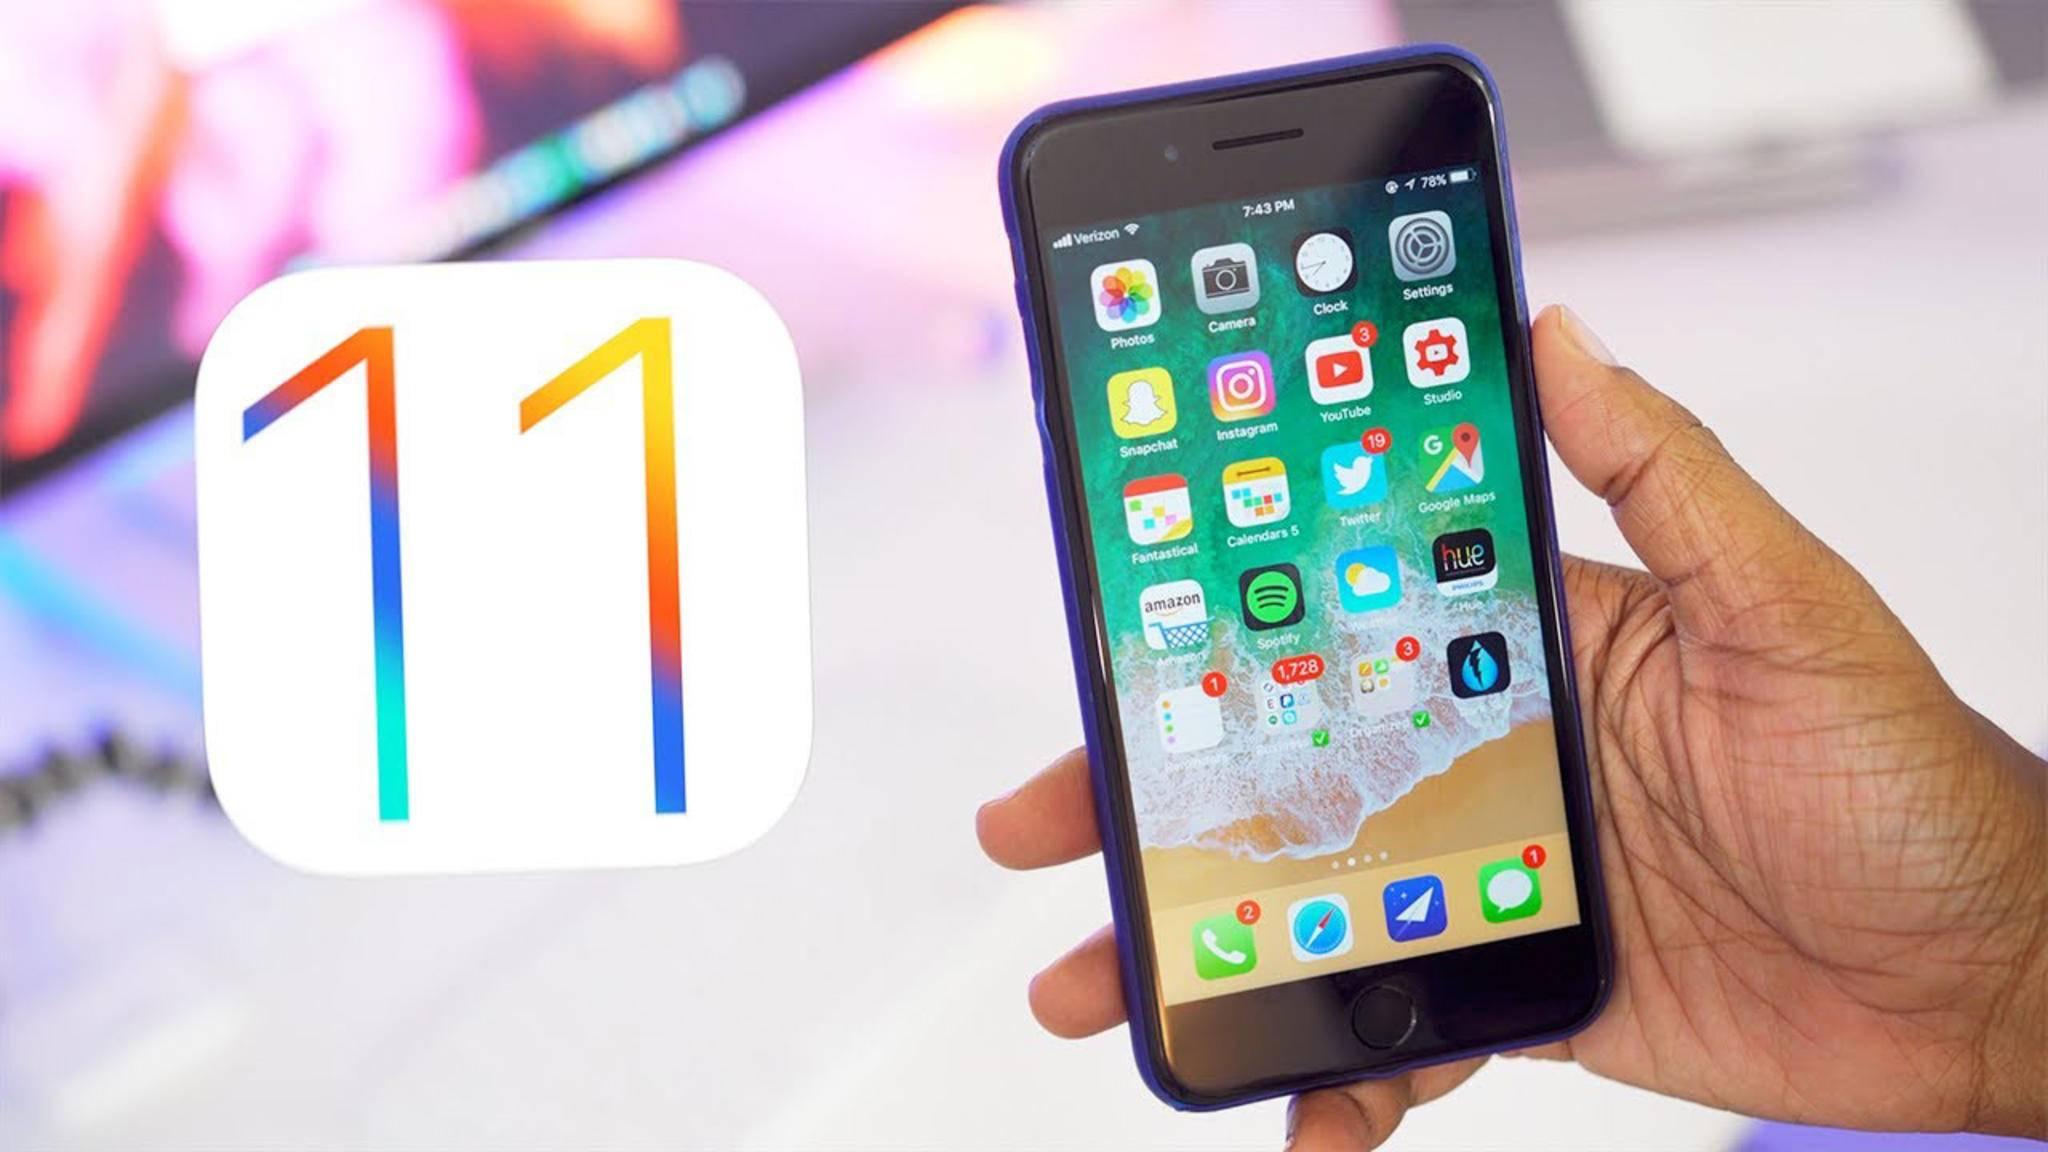 Das Technik-Highlight der Woche: die Vorstellung von iOS 11.